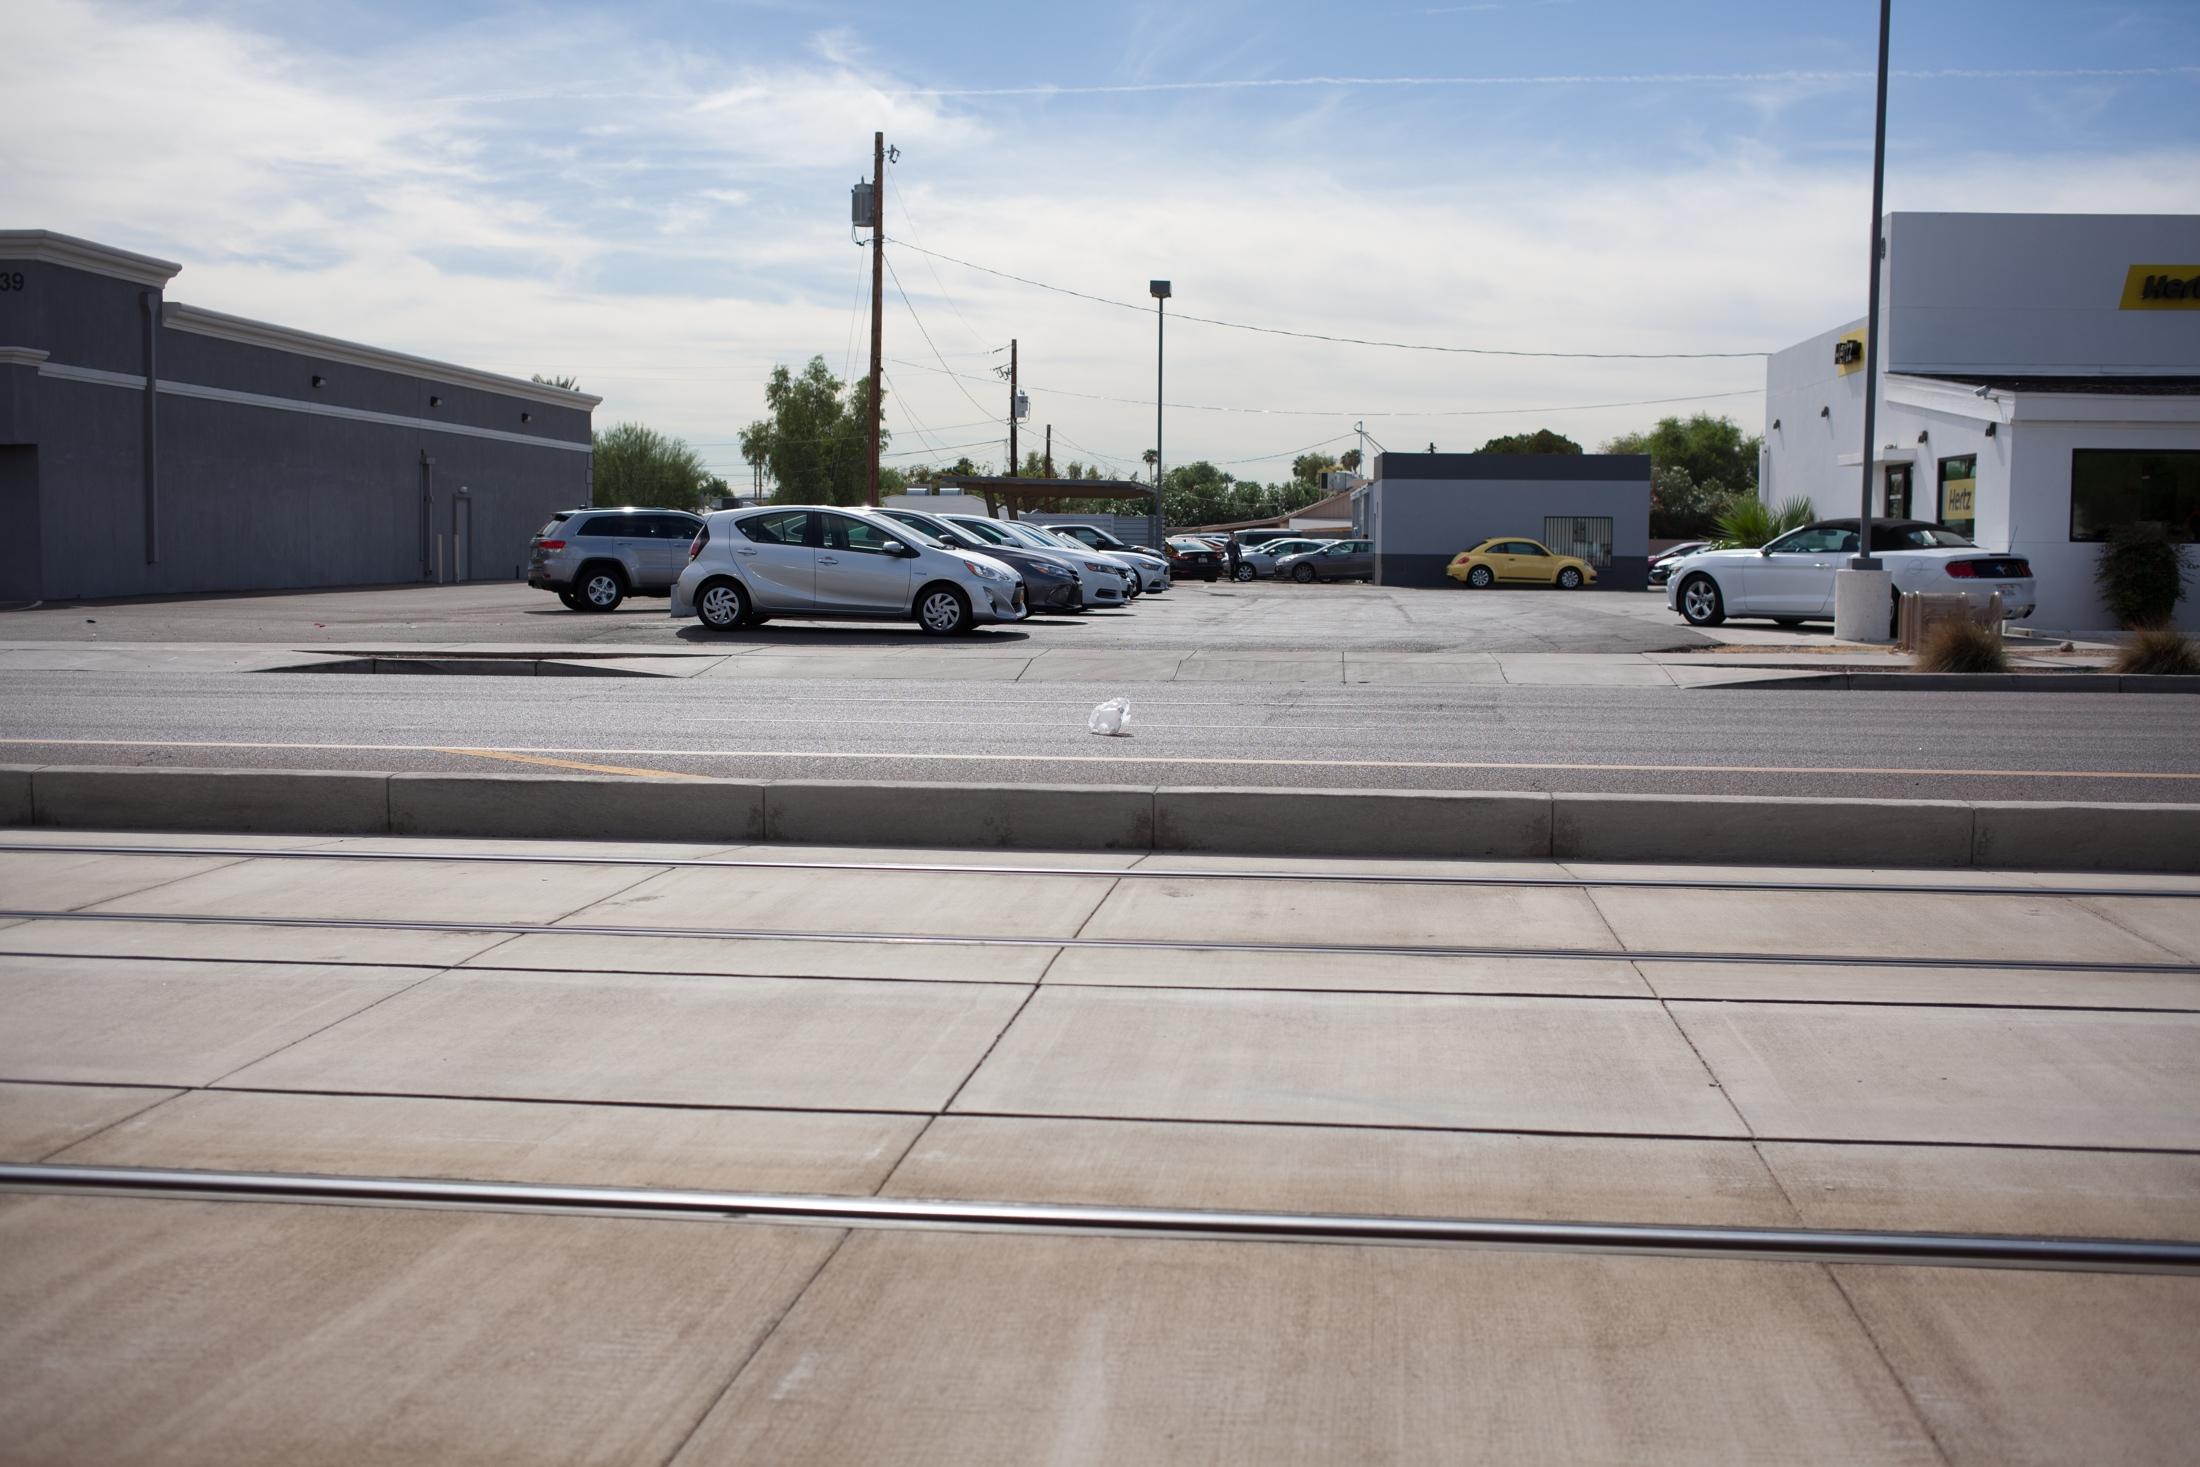 Street in central Phoenix, AZ